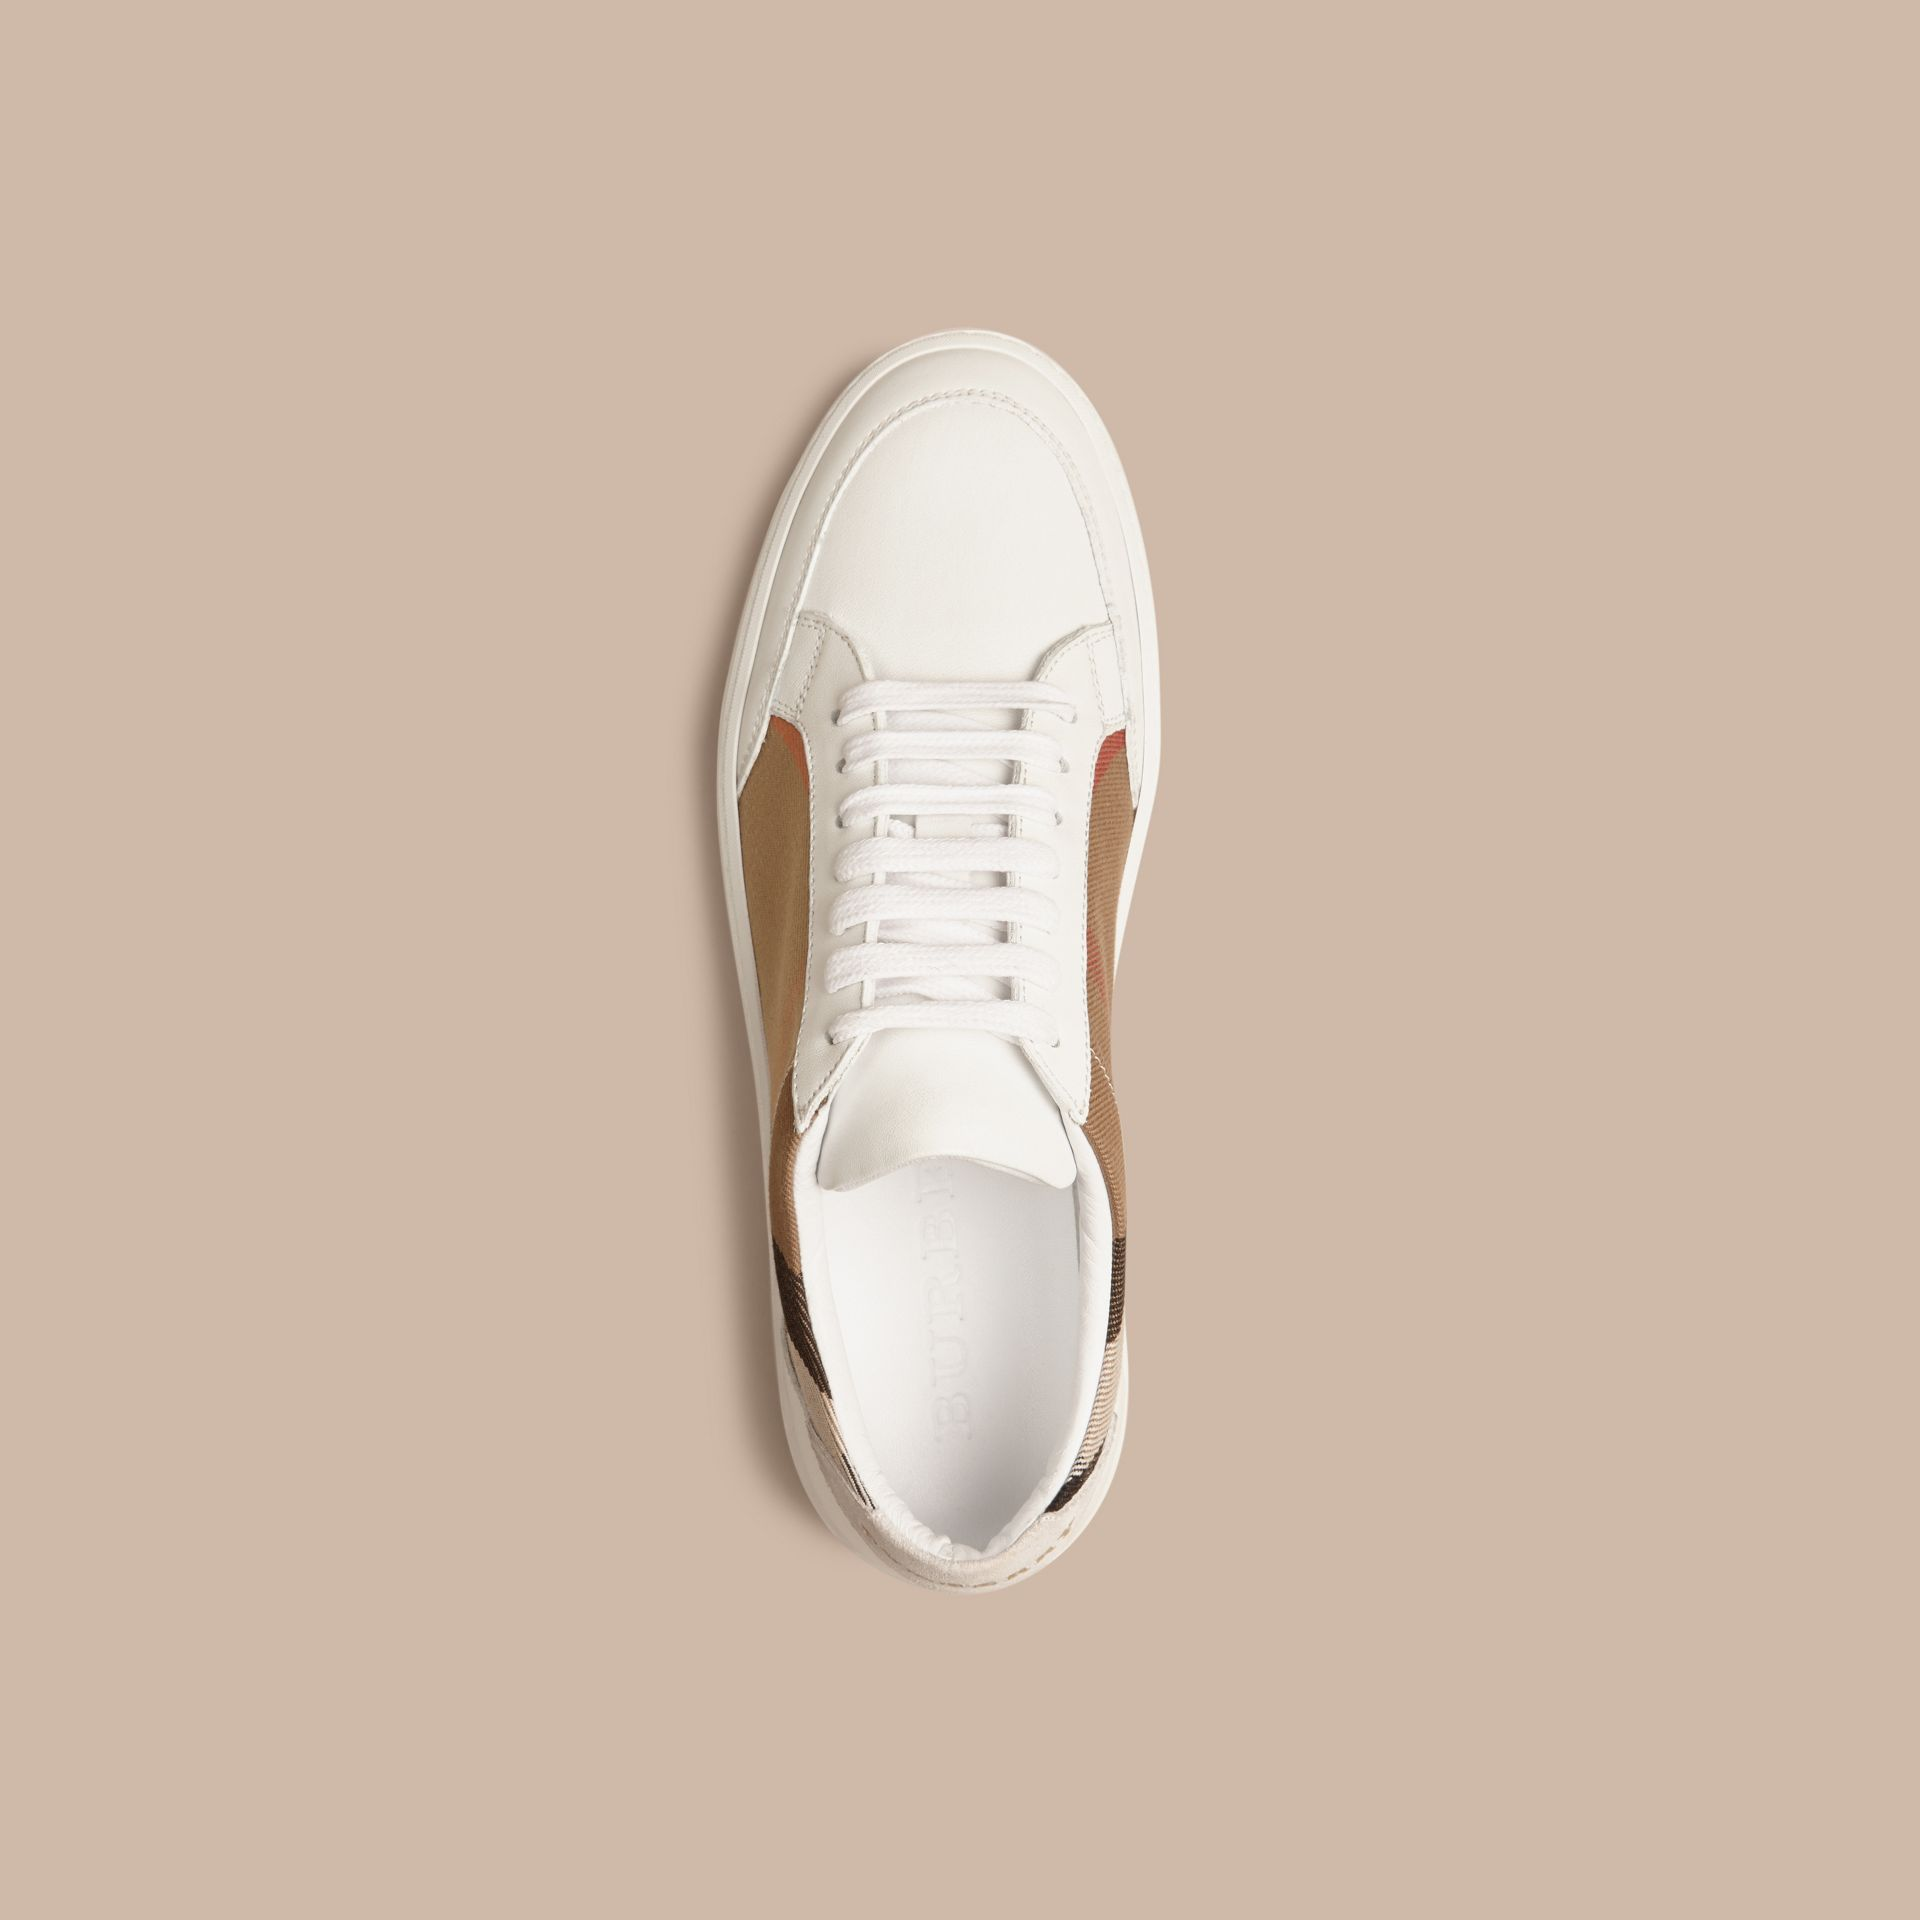 House check/blanc optique Sneakers en coton House check et cuir - photo de la galerie 3